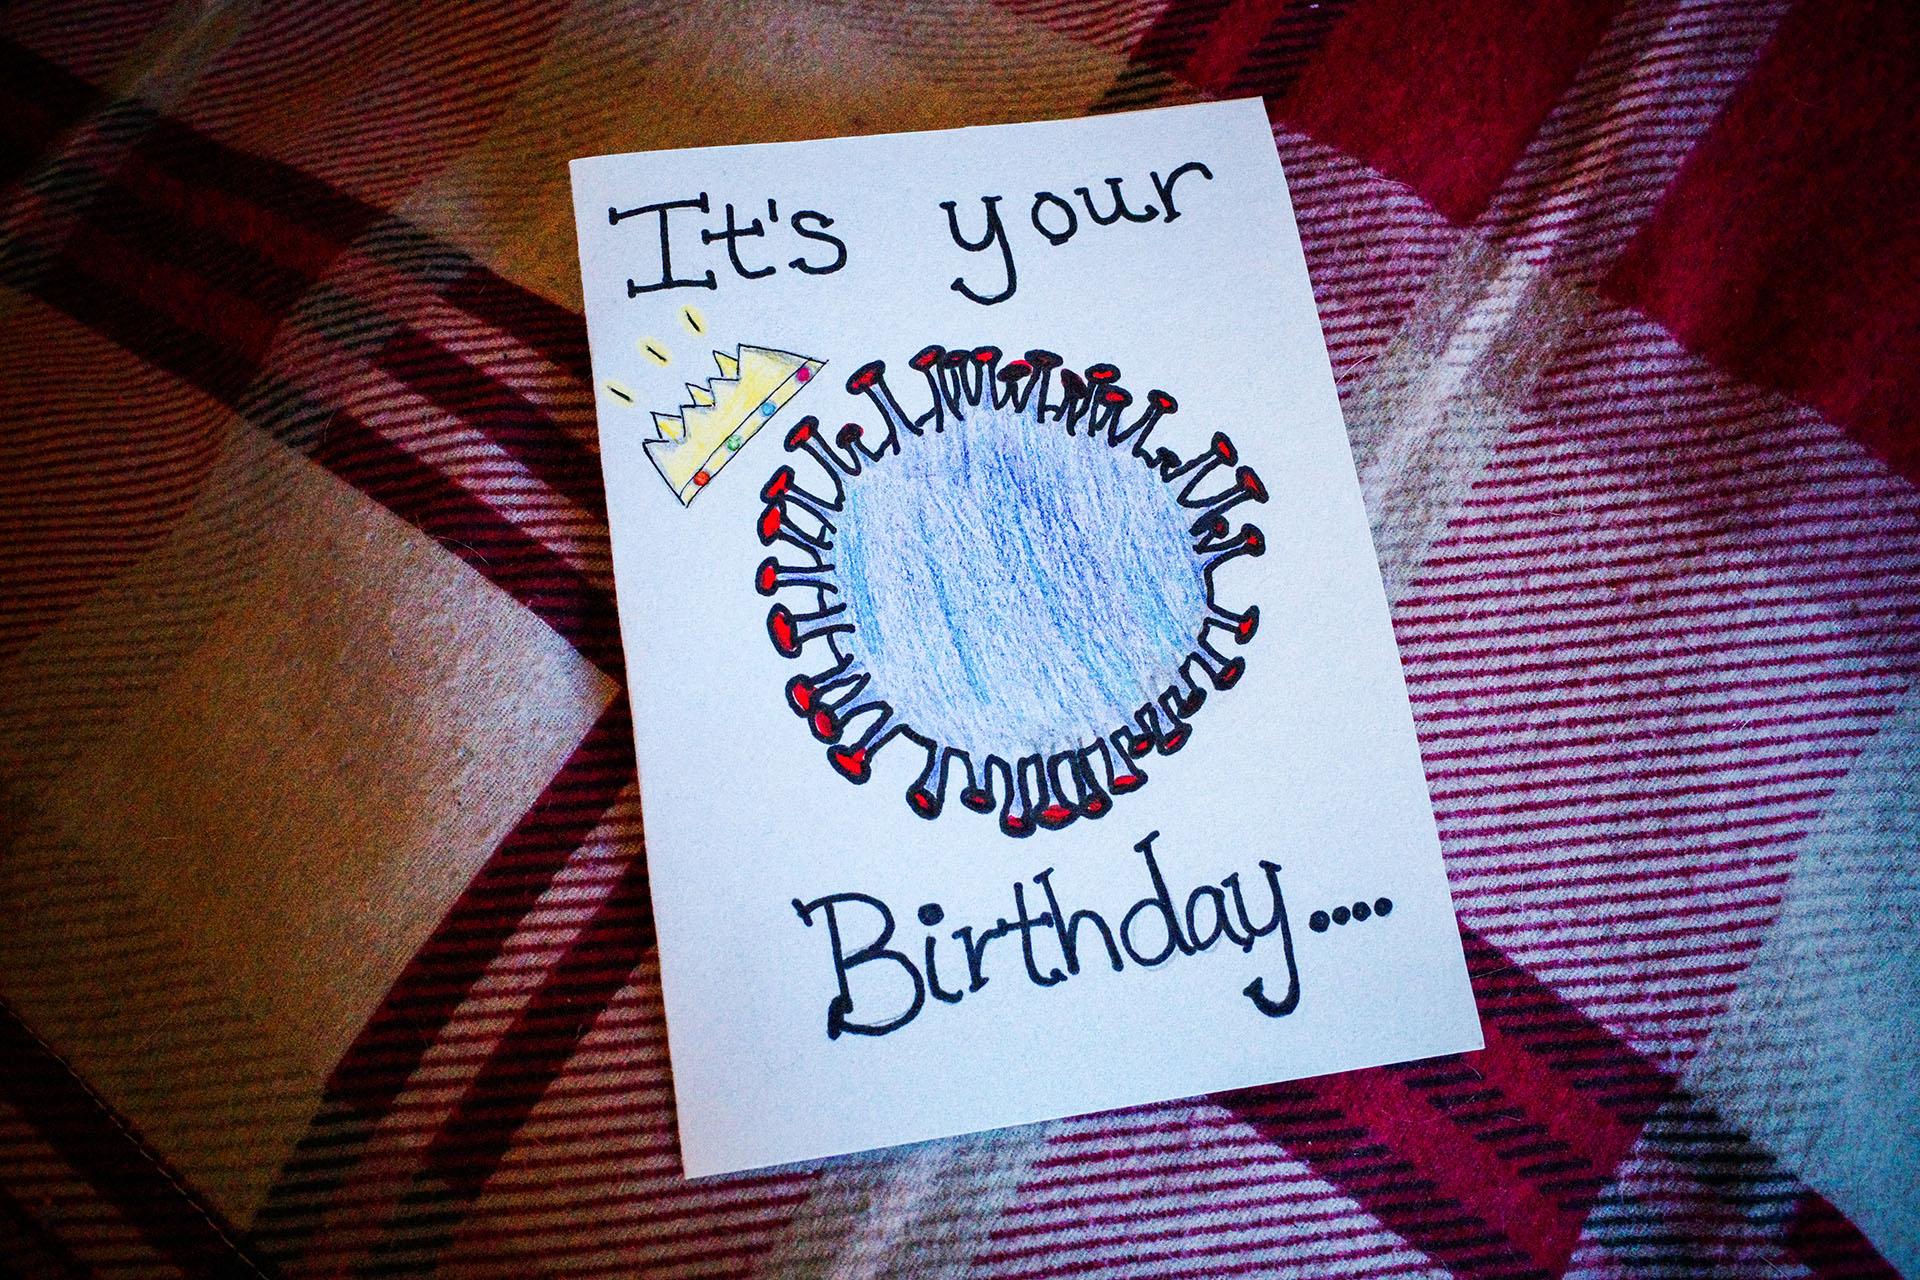 Coronavirus birthday card